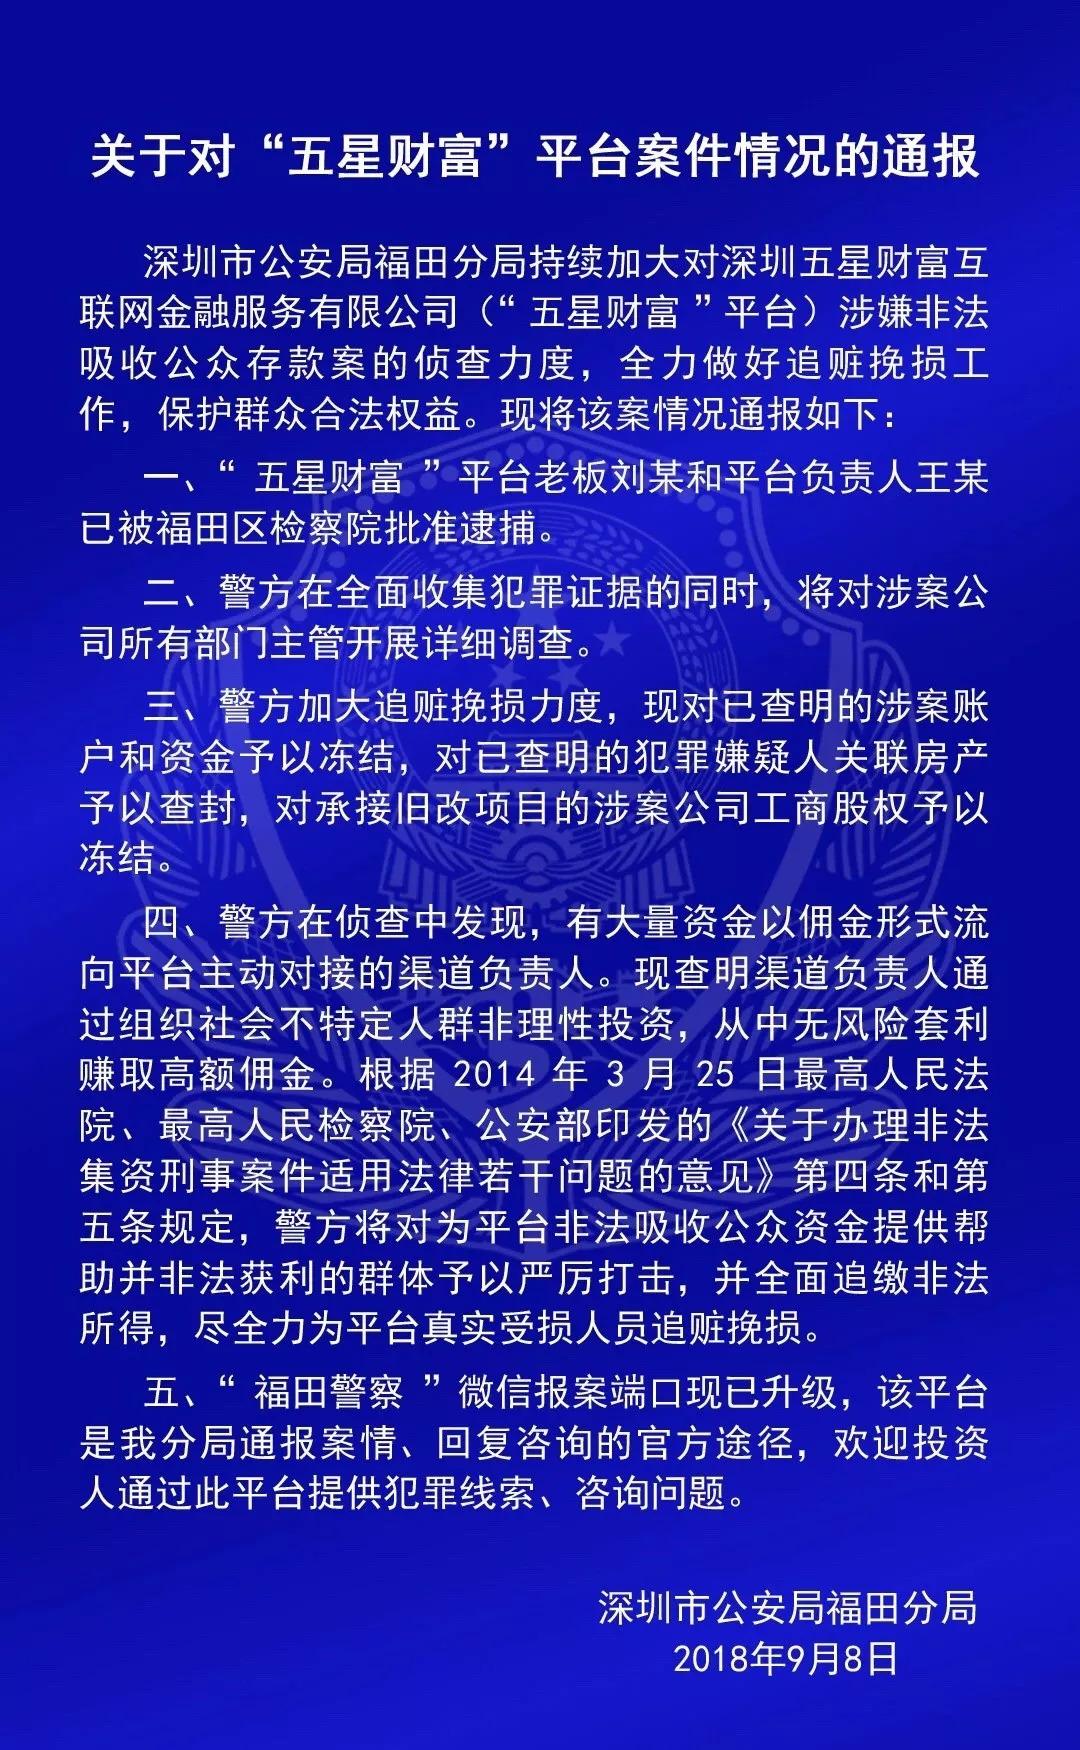 重磅!深圳警方查封房产65套,冻结上亿元资金4